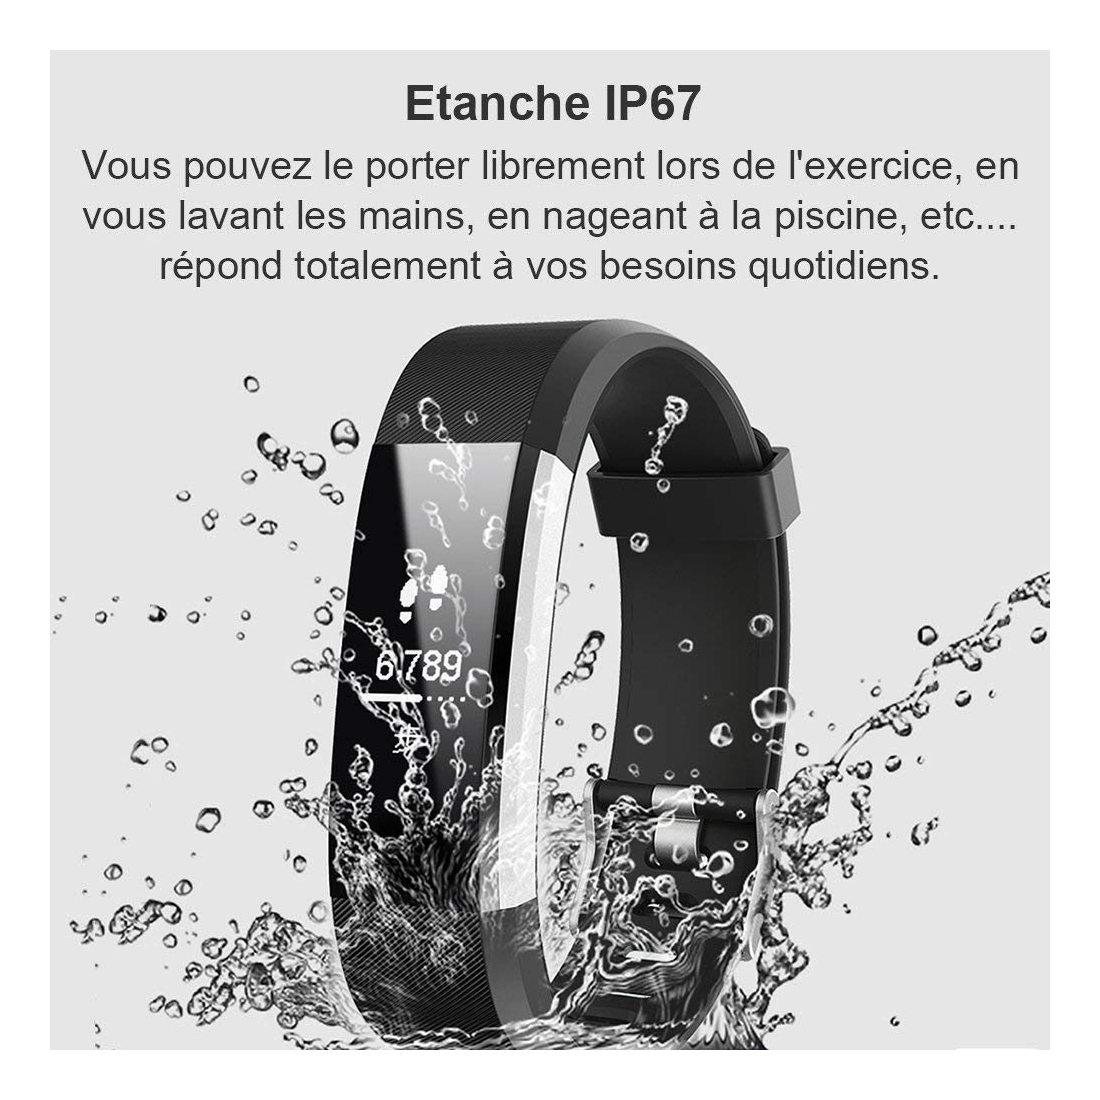 Willful Montre Connectée Smartwatch Podomètre Bracelet Connecté Etanche  Ip67 Pour Femme Homme Enfant Smart Watch Cardio Fitne tout Bracelet Connecté Piscine